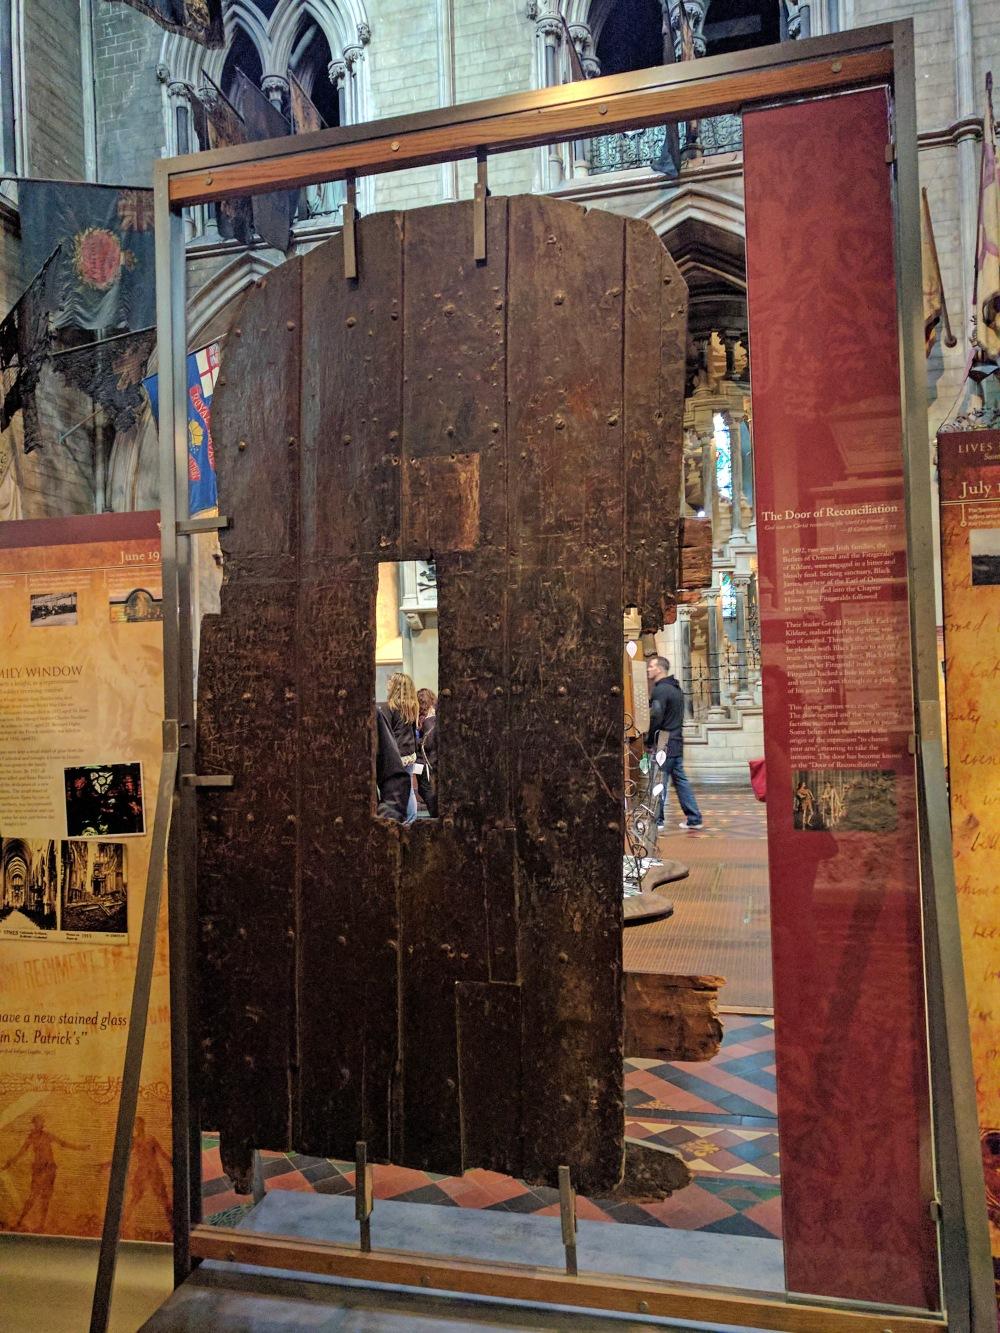 legno-porta-arte-architettura-Cattedrale di San Patrizio-Dublino-Irlanda-Viaggio a Dublino-Cultura-Viaggio culturale